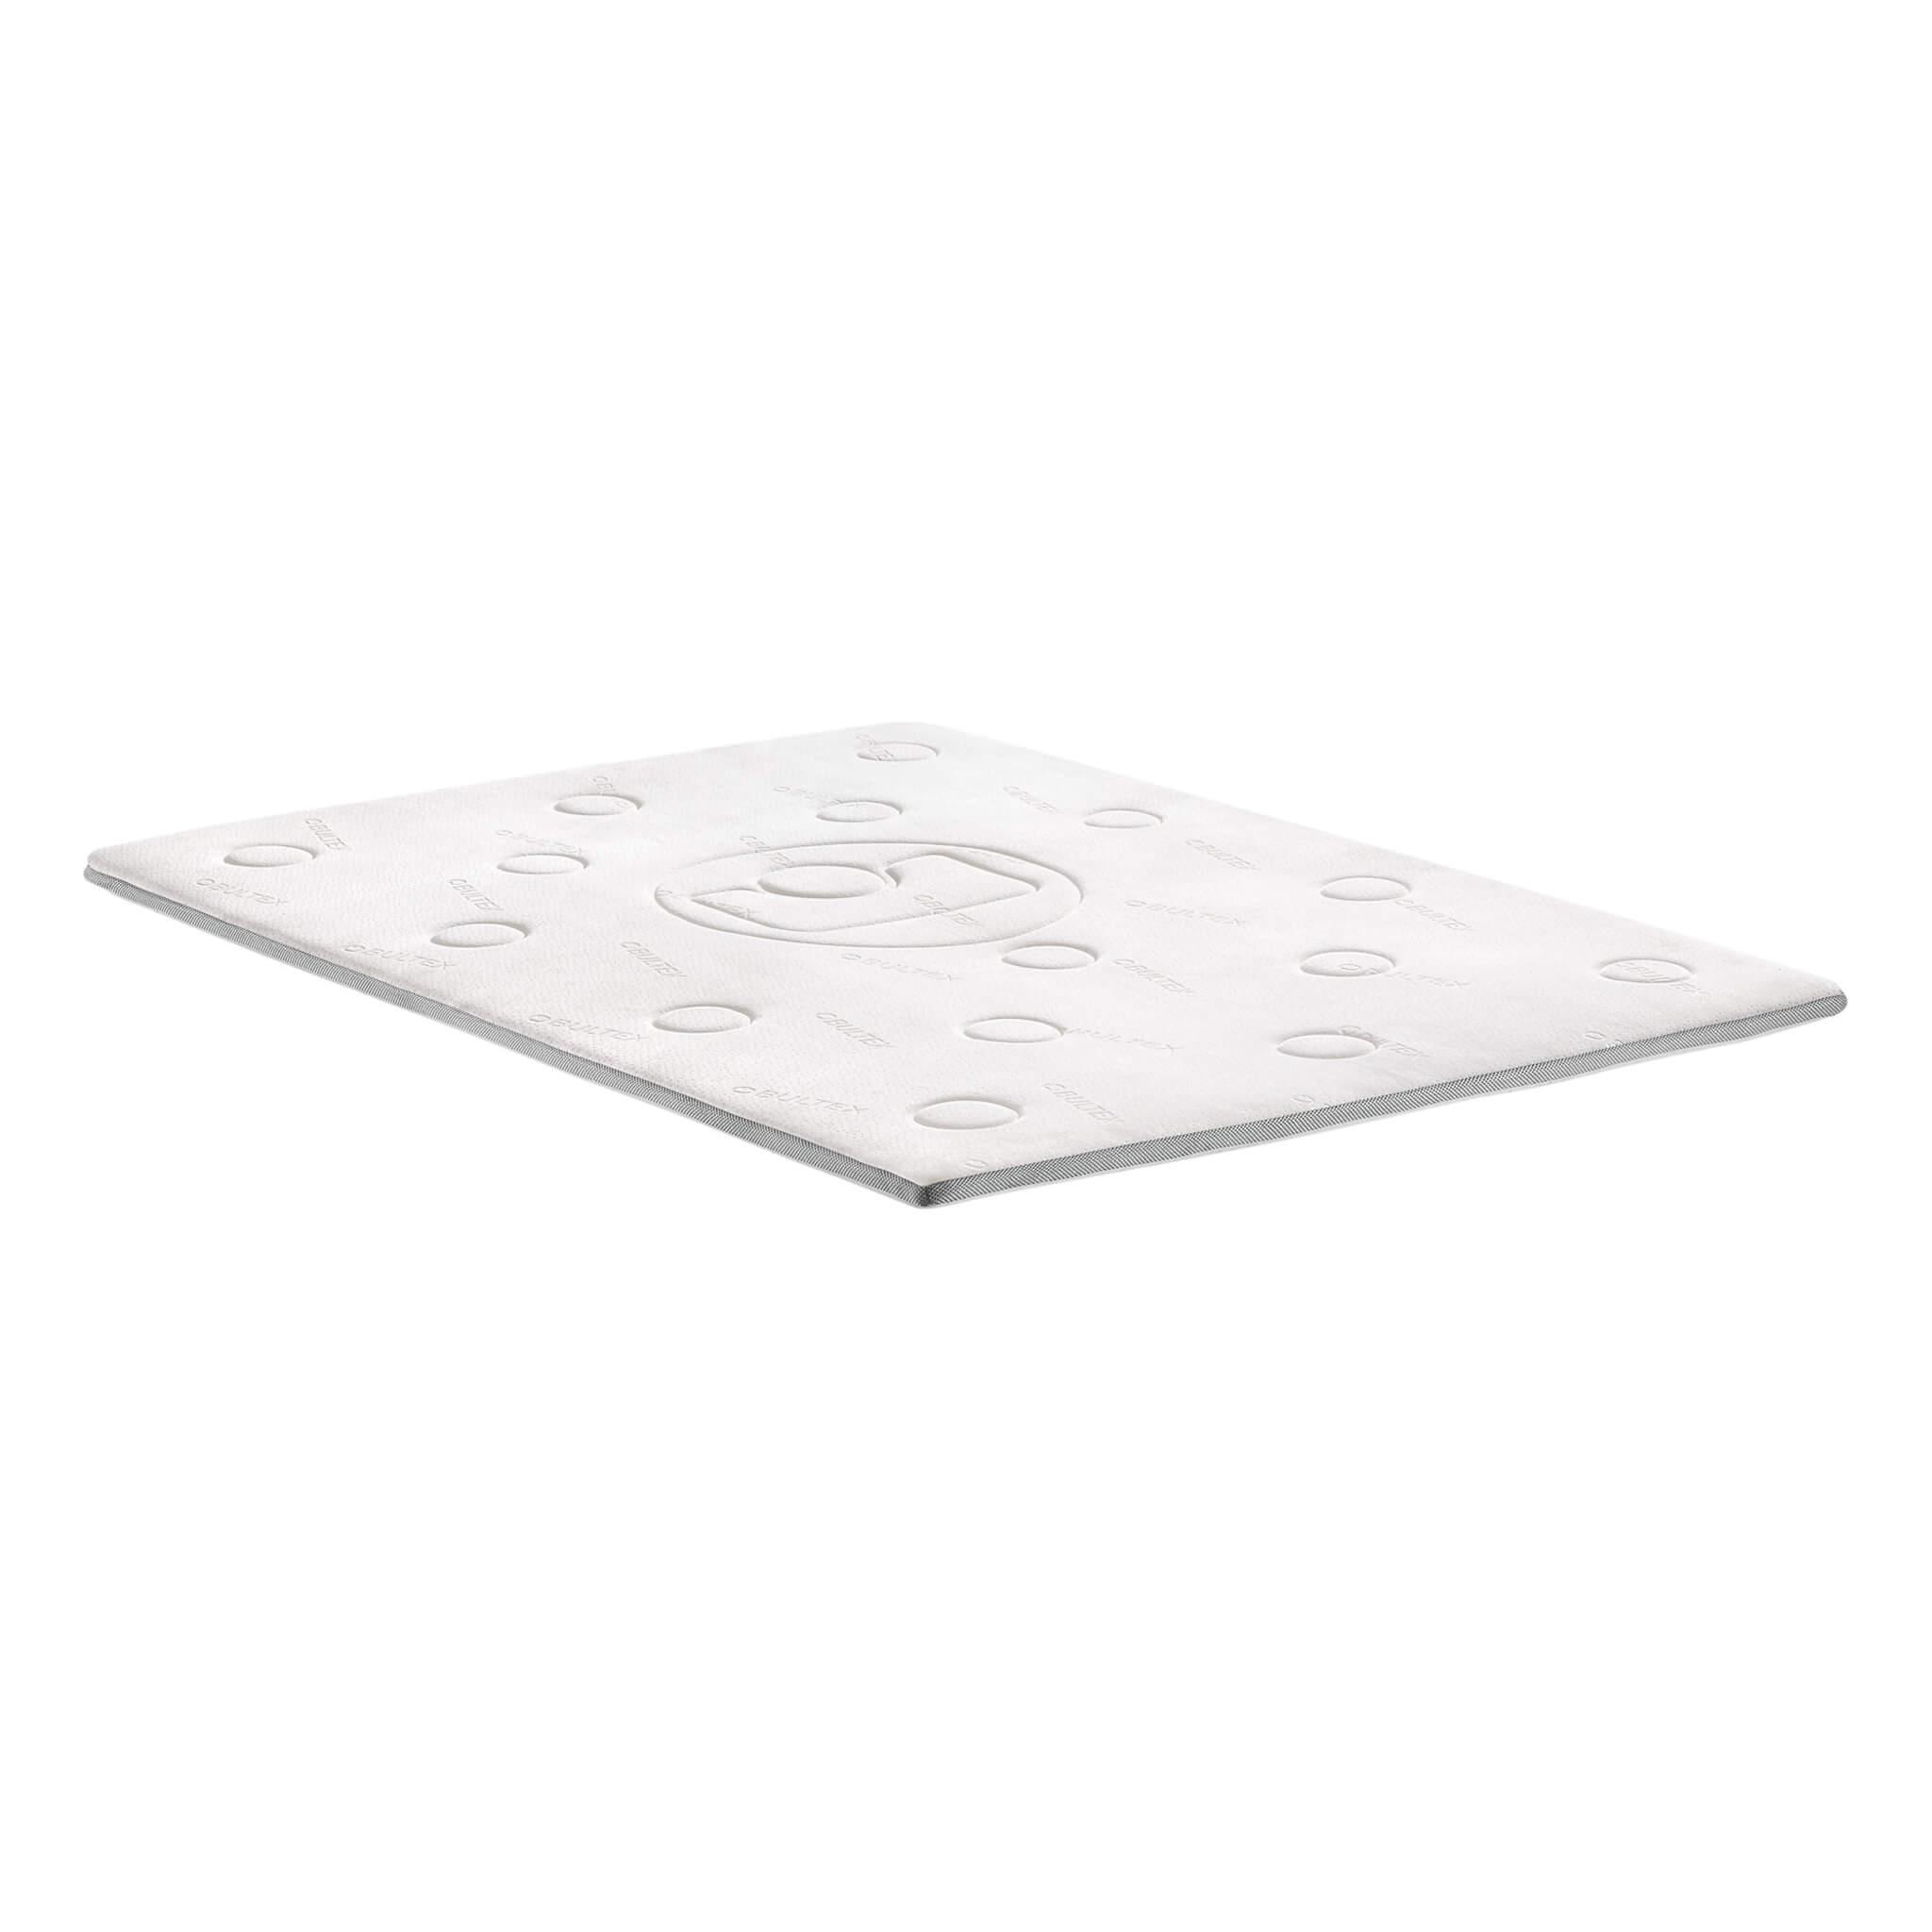 Surmatelas confort à mémoire de forme épaisseur 5cm 160x200